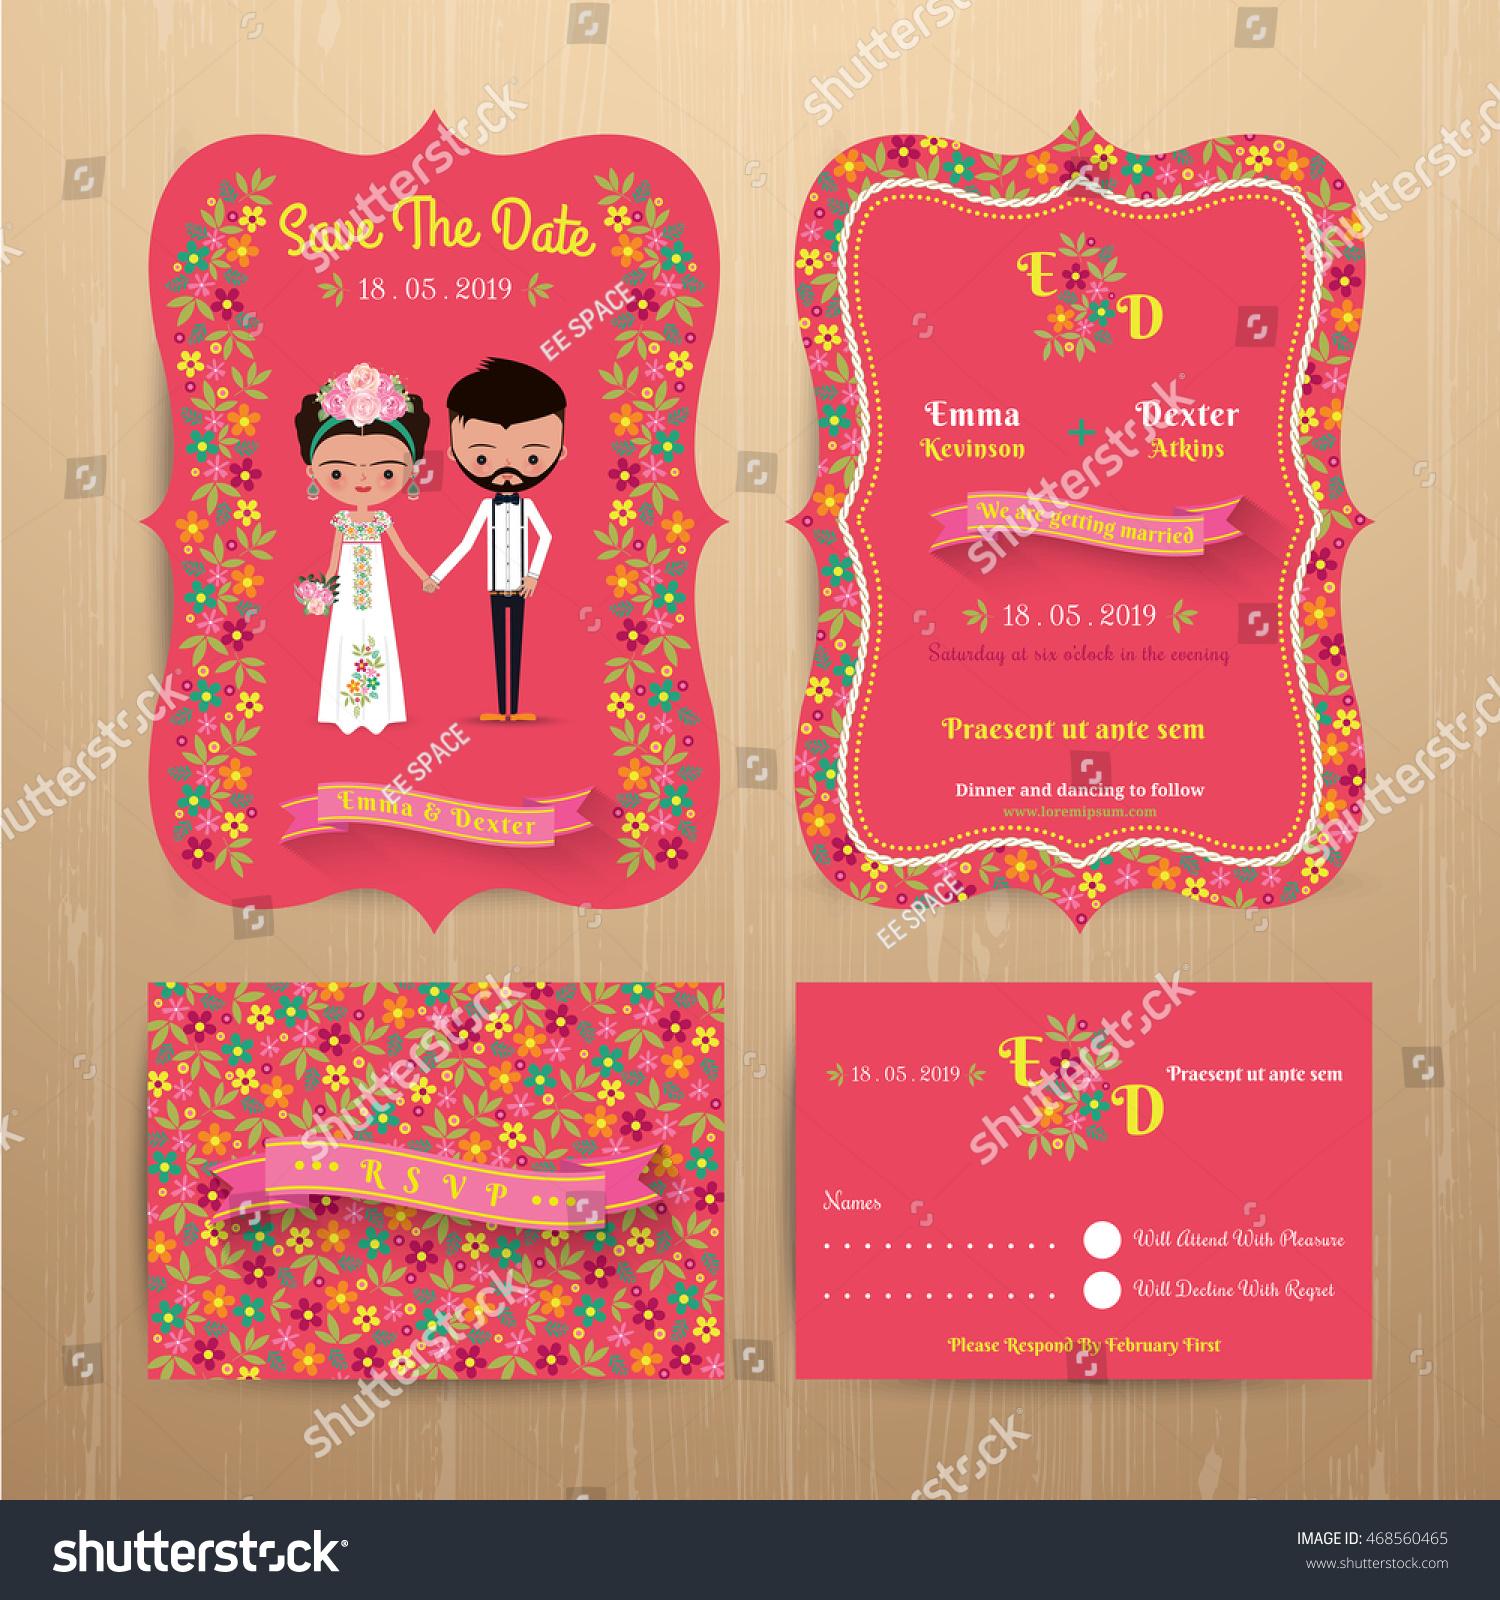 Bride Groom Rustic Floral Wedding Invitation Stock Vector (Royalty ...